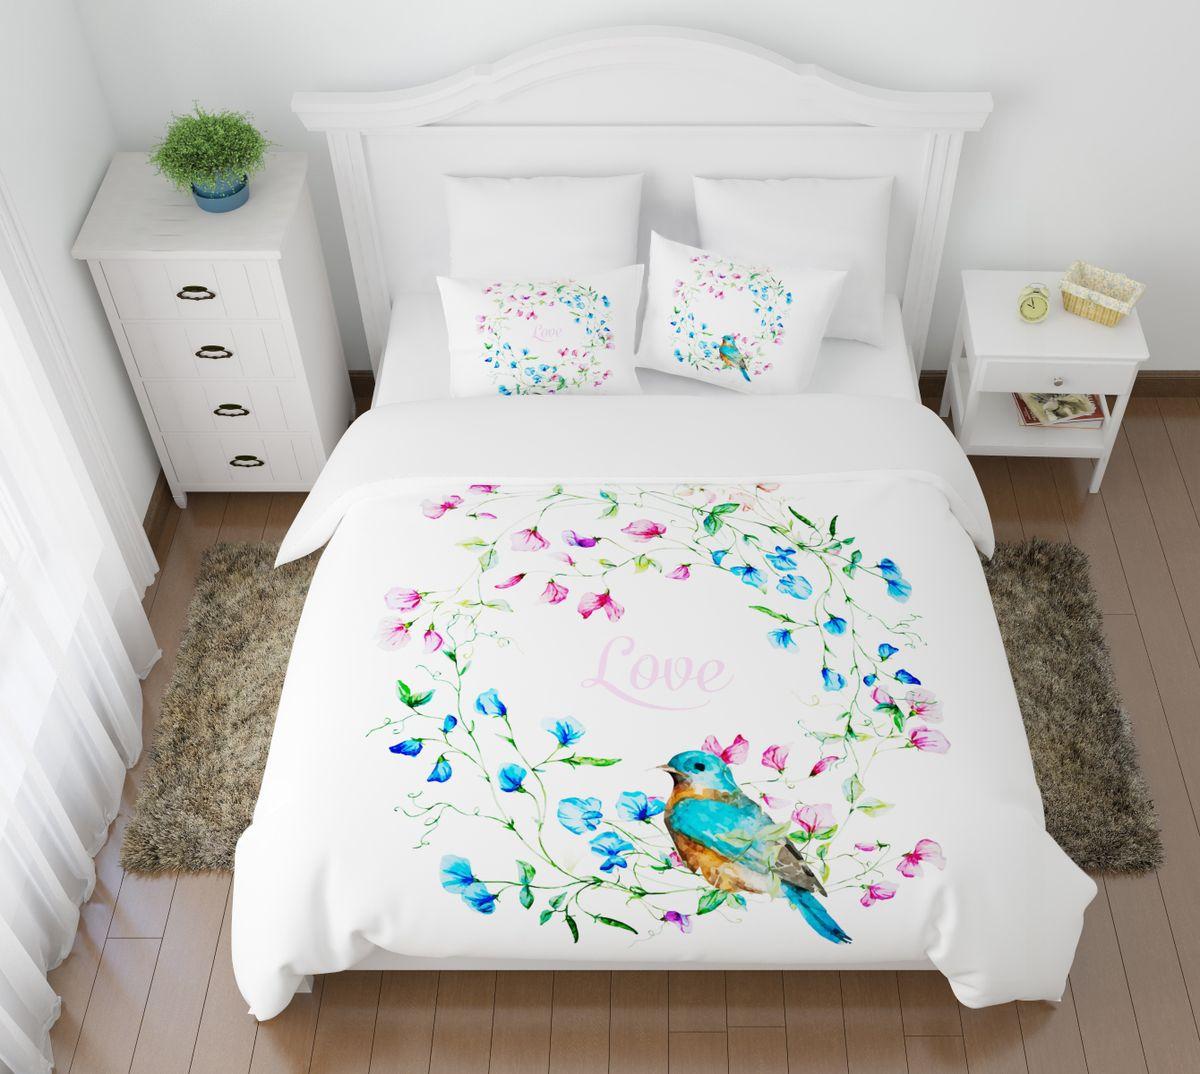 Комплект белья Сирень Аморе, 2-спальный, наволочки 50х70391602Комплект постельного белья Сирень 2-х спальный выполнен из прочной и мягкой ткани. Четкий и стильный рисунок в сочетании с насыщенными красками делают комплект постельного белья неповторимой изюминкой любого интерьера. Постельное белье идеально подойдет для подарка. Идеальное соотношение смешенной ткани и гипоаллергенных красок это гарантия здорового, спокойного сна. Ткань хорошо впитывает влагу, надолго сохраняет яркость красок. Цвет простыни, пододеяльника, наволочки в комплектации может немного отличаться от представленного на фото.В комплект входят: простыня - 200х220см; пододельяник 175х210 см; наволочка - 50х70х2шт. Постельное белье легко стирать при 30-40 градусах, гладить при 150 градусах, не отбеливать.Рекомендуется перед первым изпользованием постирать.